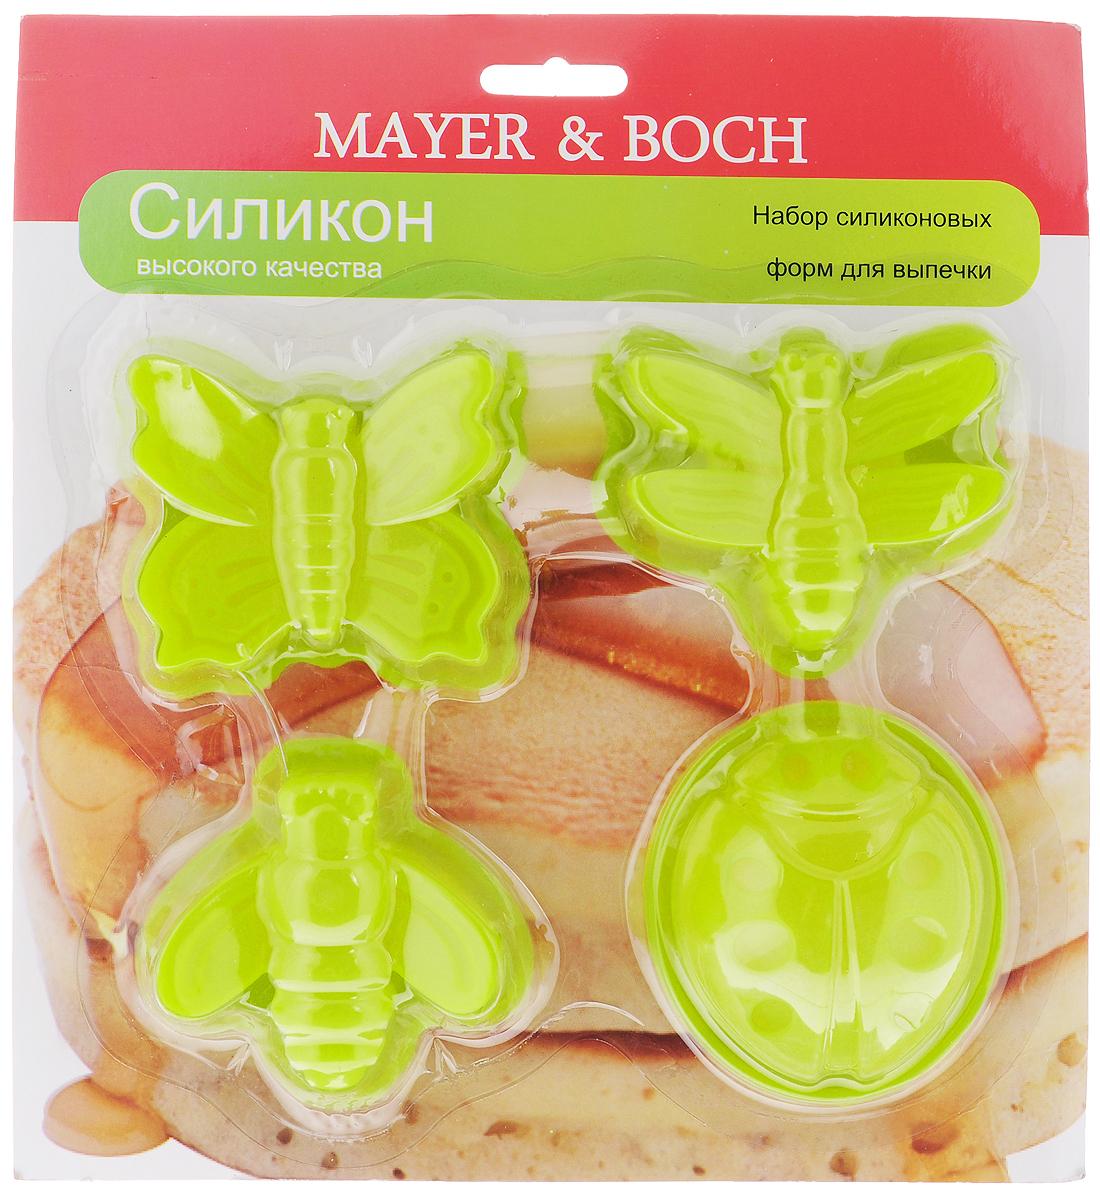 Набор форм для выпечки Mayer & Boch, цвет: салатовый, 4 шт94672Формы для выпечки Mayer & Boch, изготовленные из высококачественного силикона,выдерживающего температуру от -40°C до +210°C. В комплекте 4 формы,выполненные в виде насекомых. Если вы любите побаловать своих домашних вкусным и ароматным угощением повашему оригинальному рецепту, то формы Mayer & Boch как раз то, что вам нужно!Можно использовать в духовом шкафу и микроволновой печи без использованиярежима гриль.Подходит для морозильной камеры и мытья в посудомоечной машине.Размеры формы: 7 х 7 х 3 см.